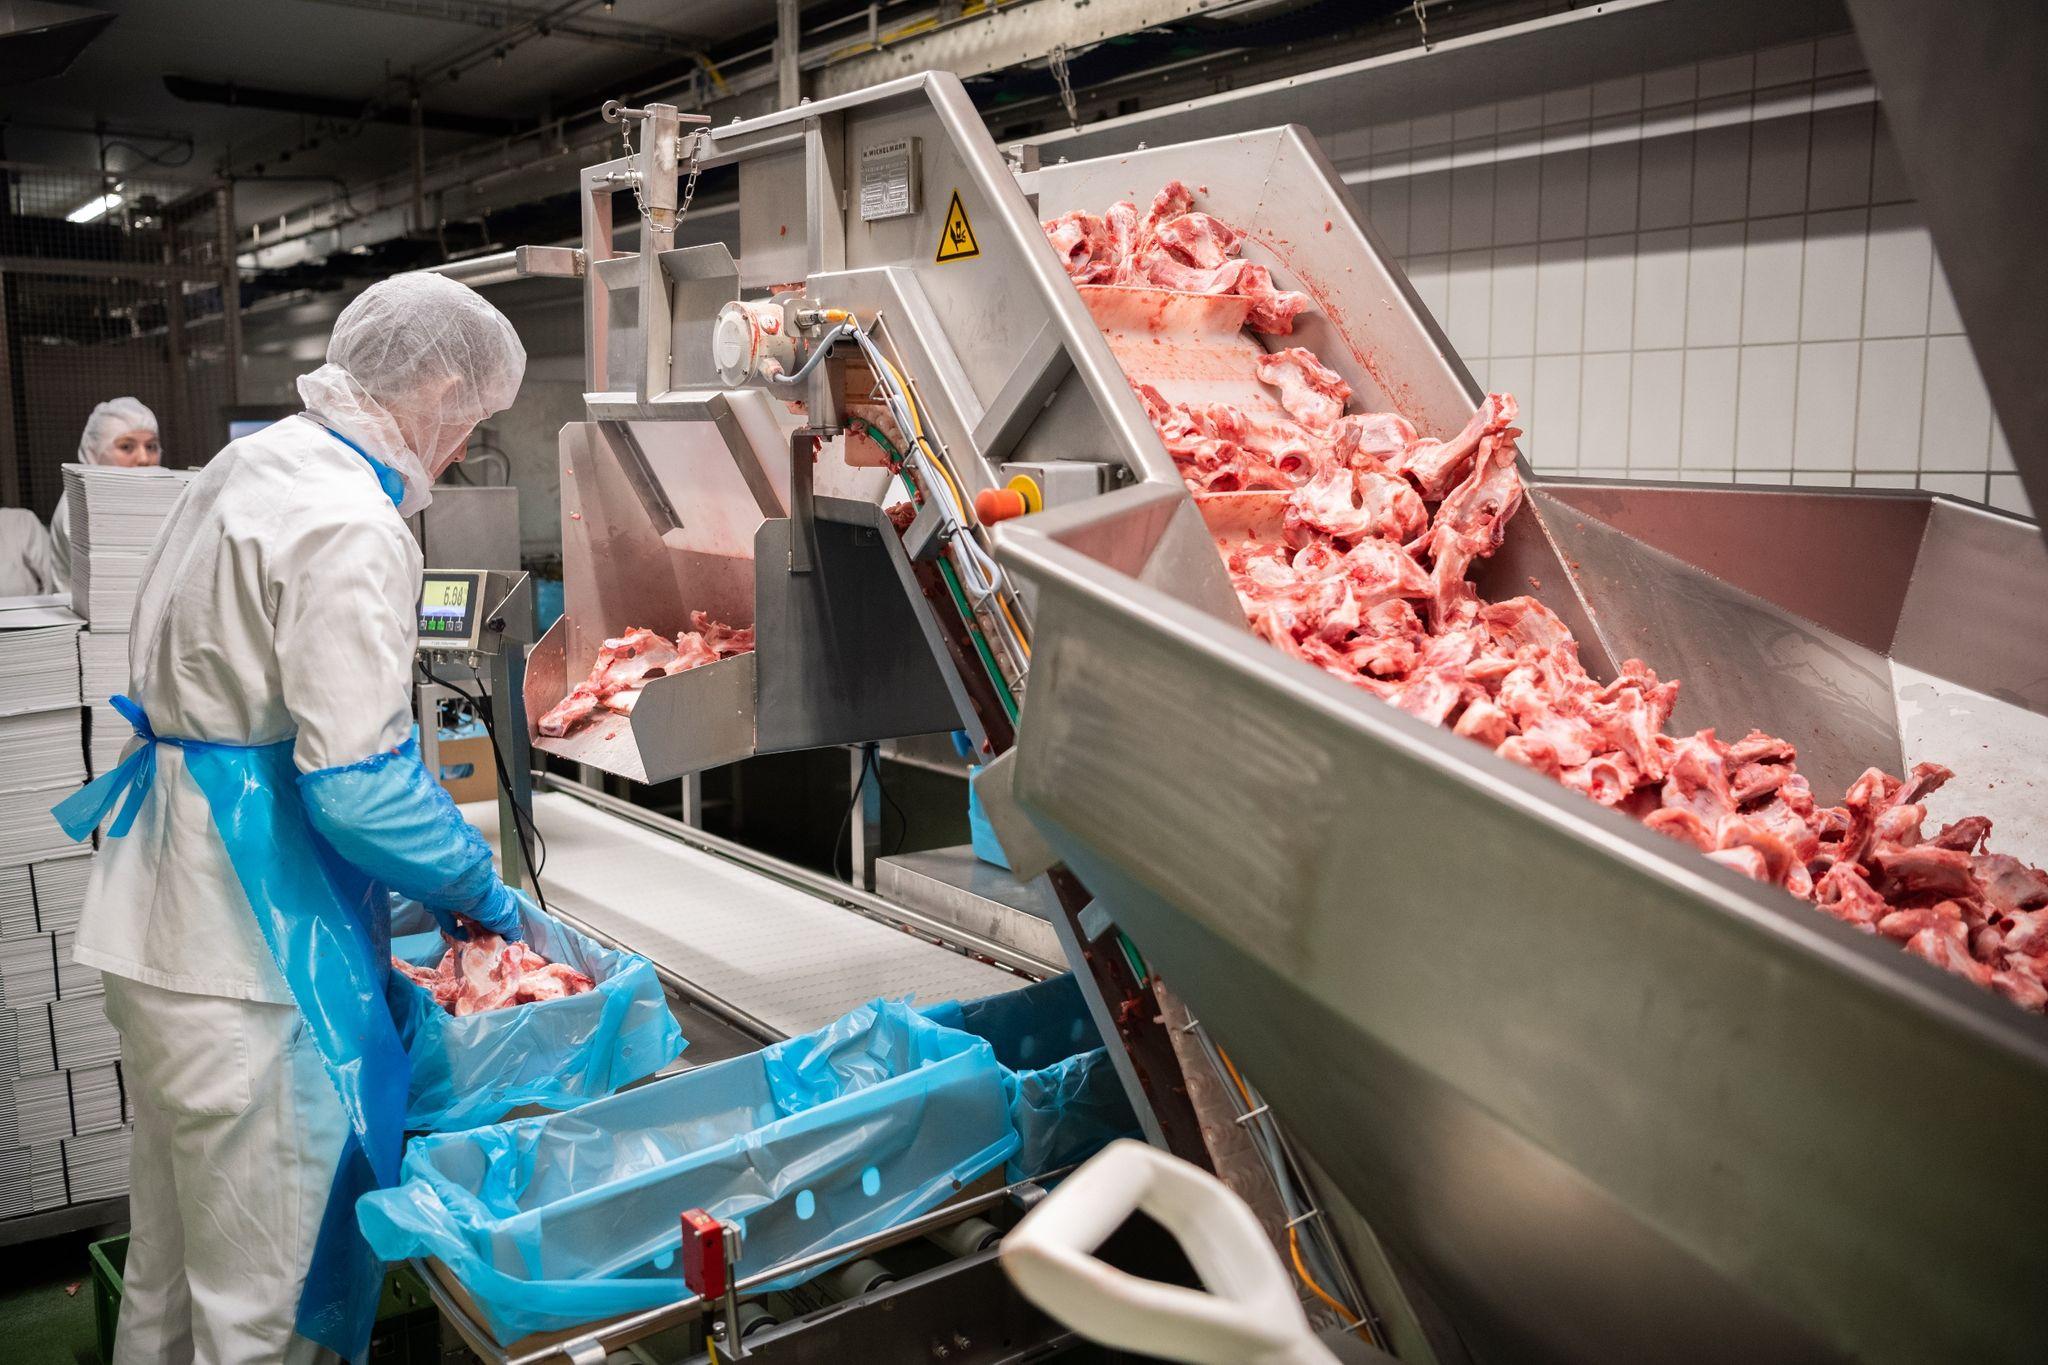 Ab 2021 darf in der Fleischindustrie nicht mehr mit Leiharbeit oder Werksverträgen gearbeitet werden. Foto: Mohssen Assanimoghaddam / dpa